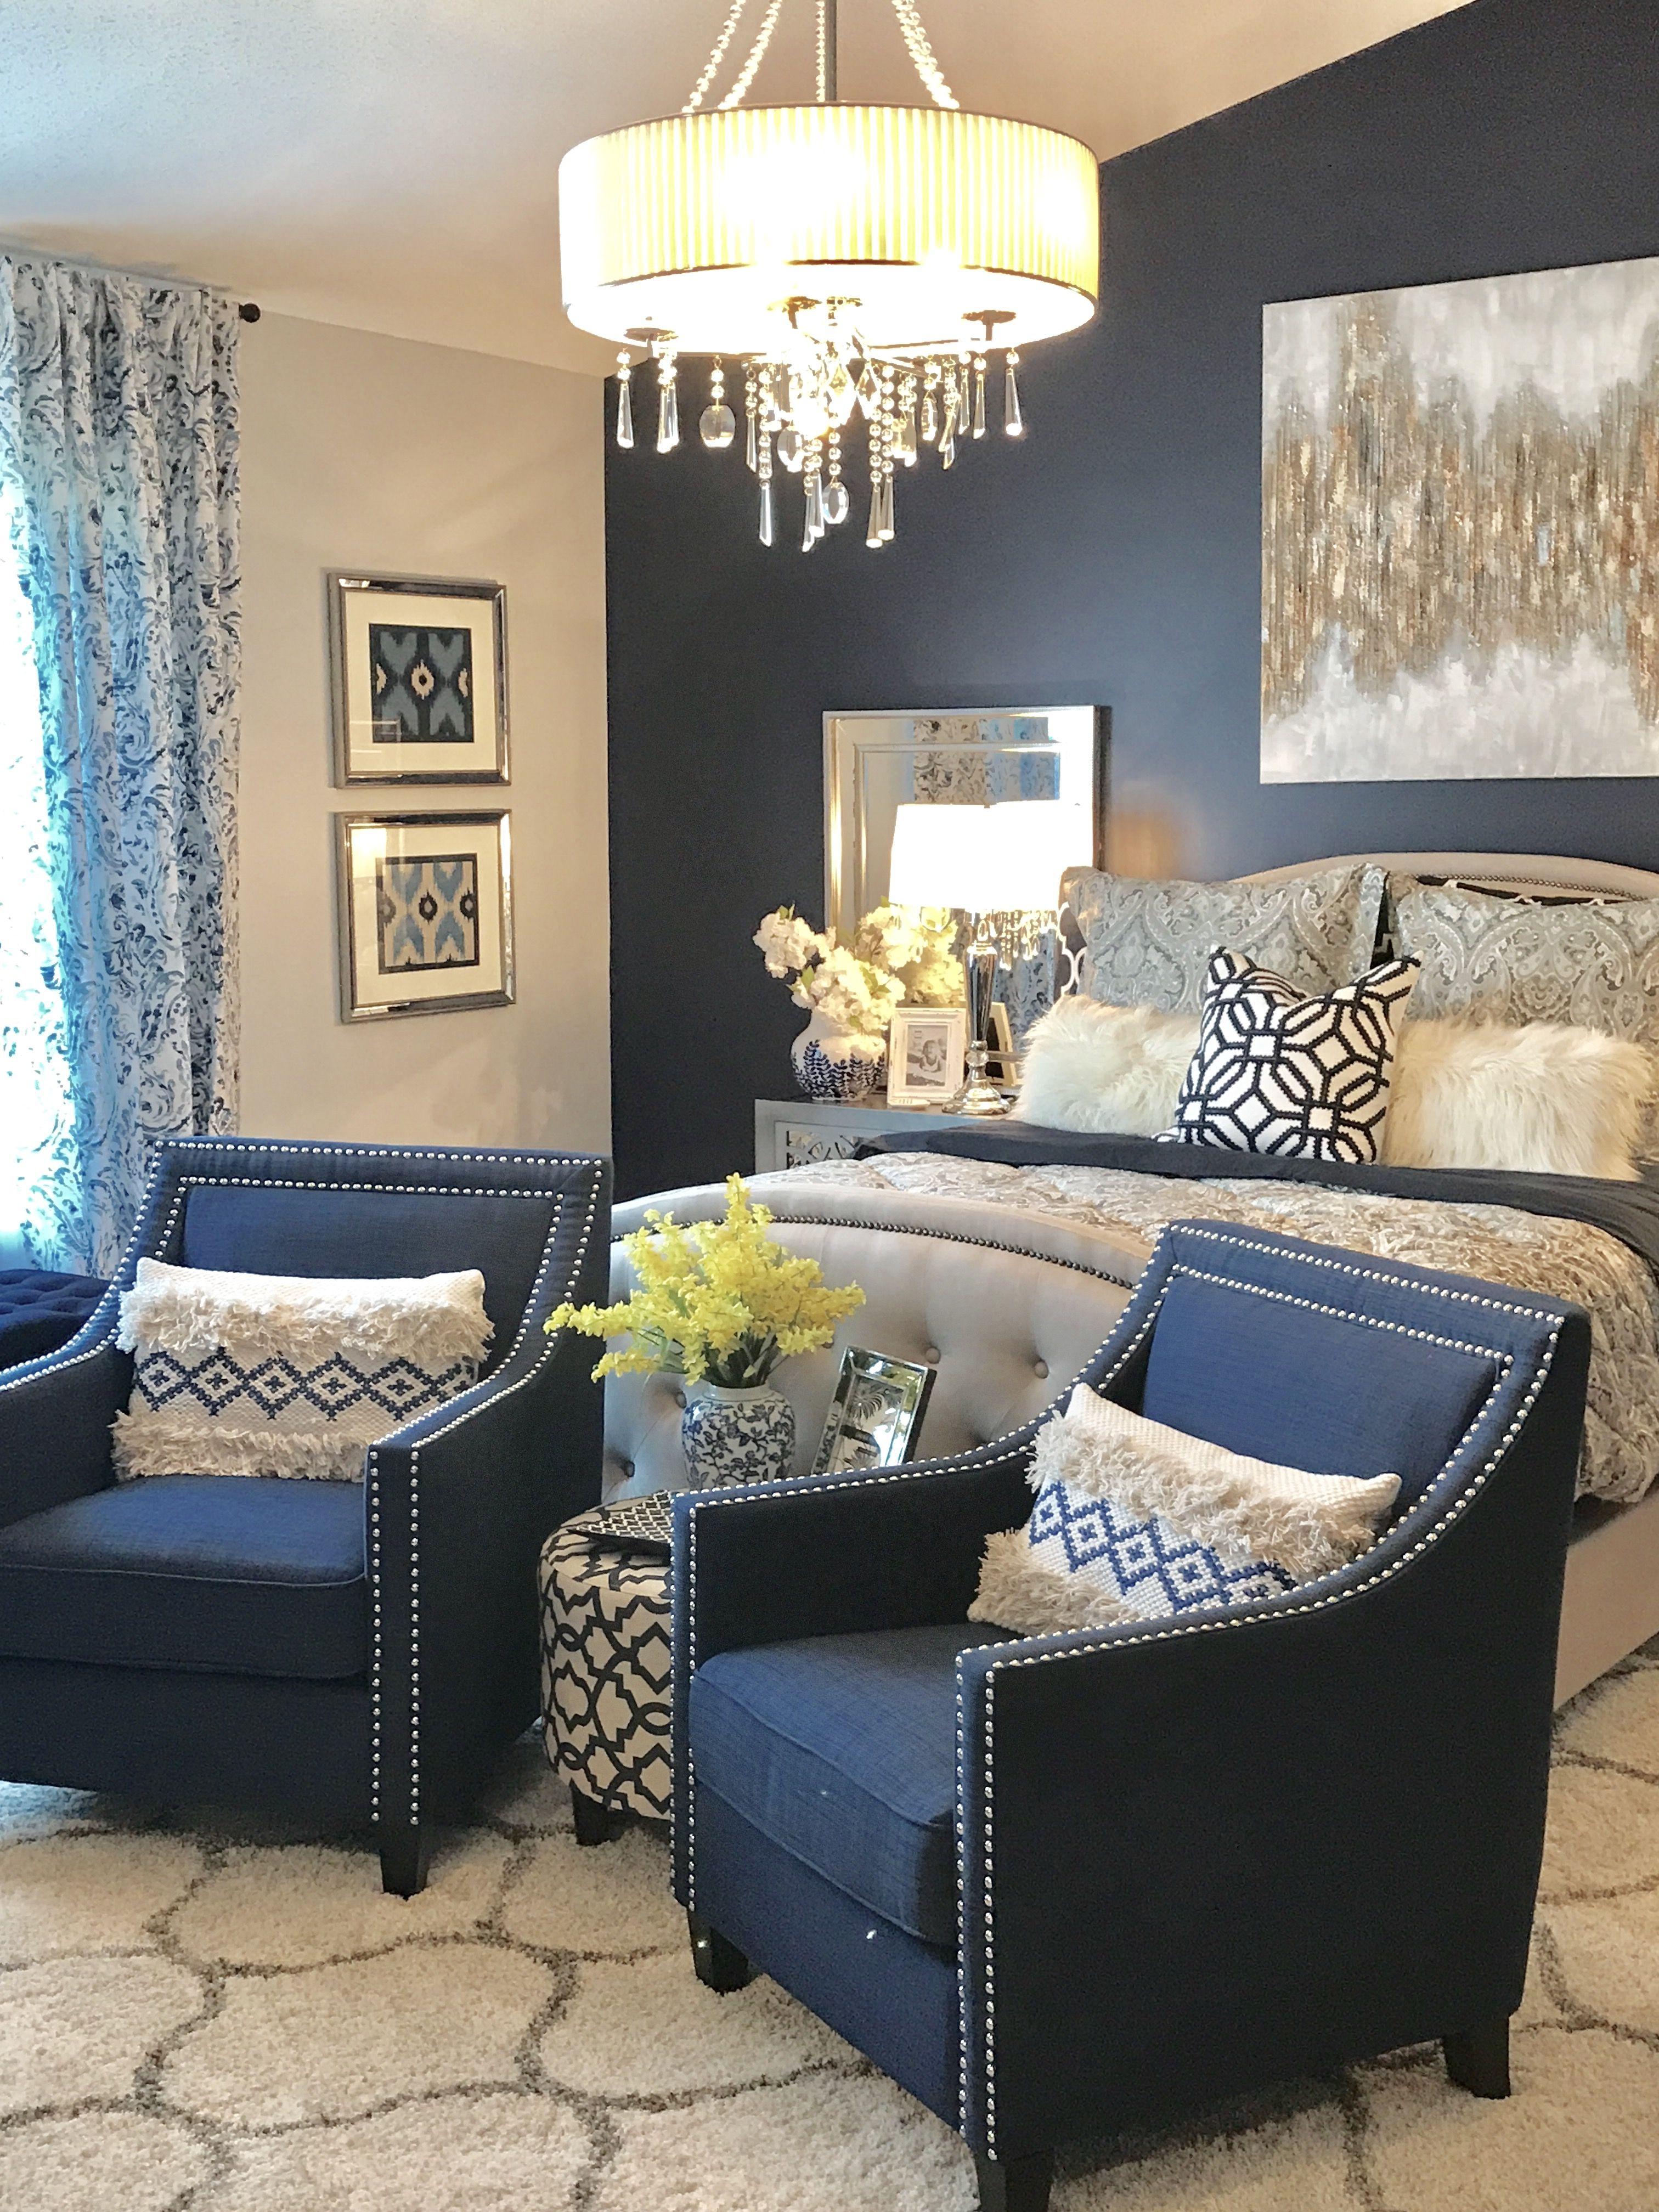 Yellow door interior navy and grey master bedroom decor